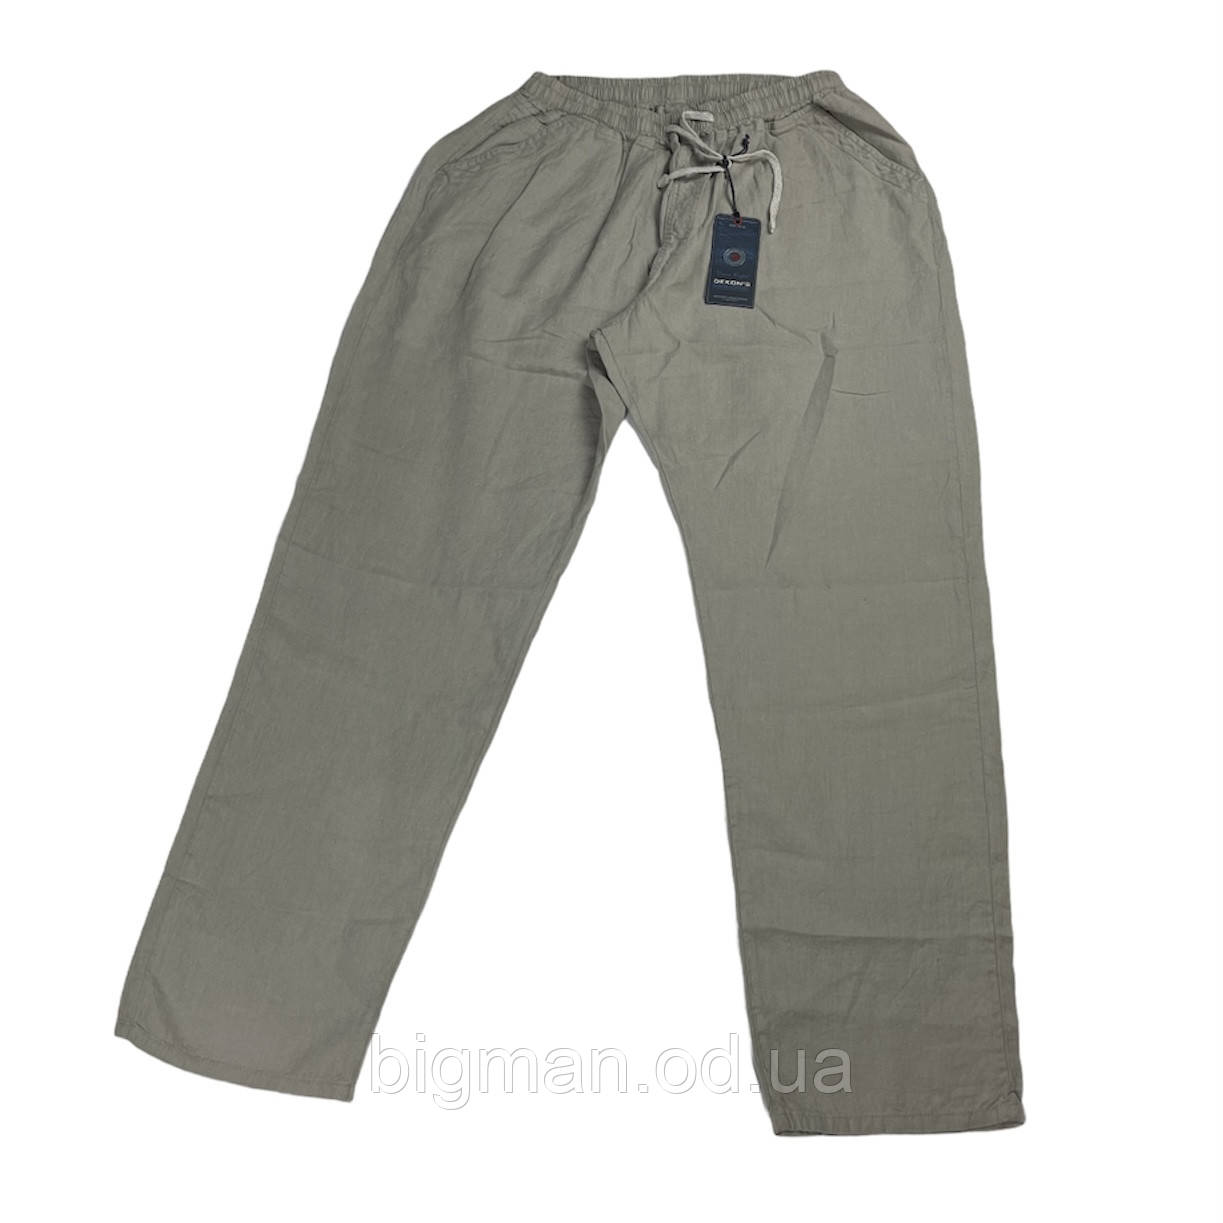 Чоловічі лляні штани Dekons 18030 56-66 розміру сірі Туреччина батал великий розмір